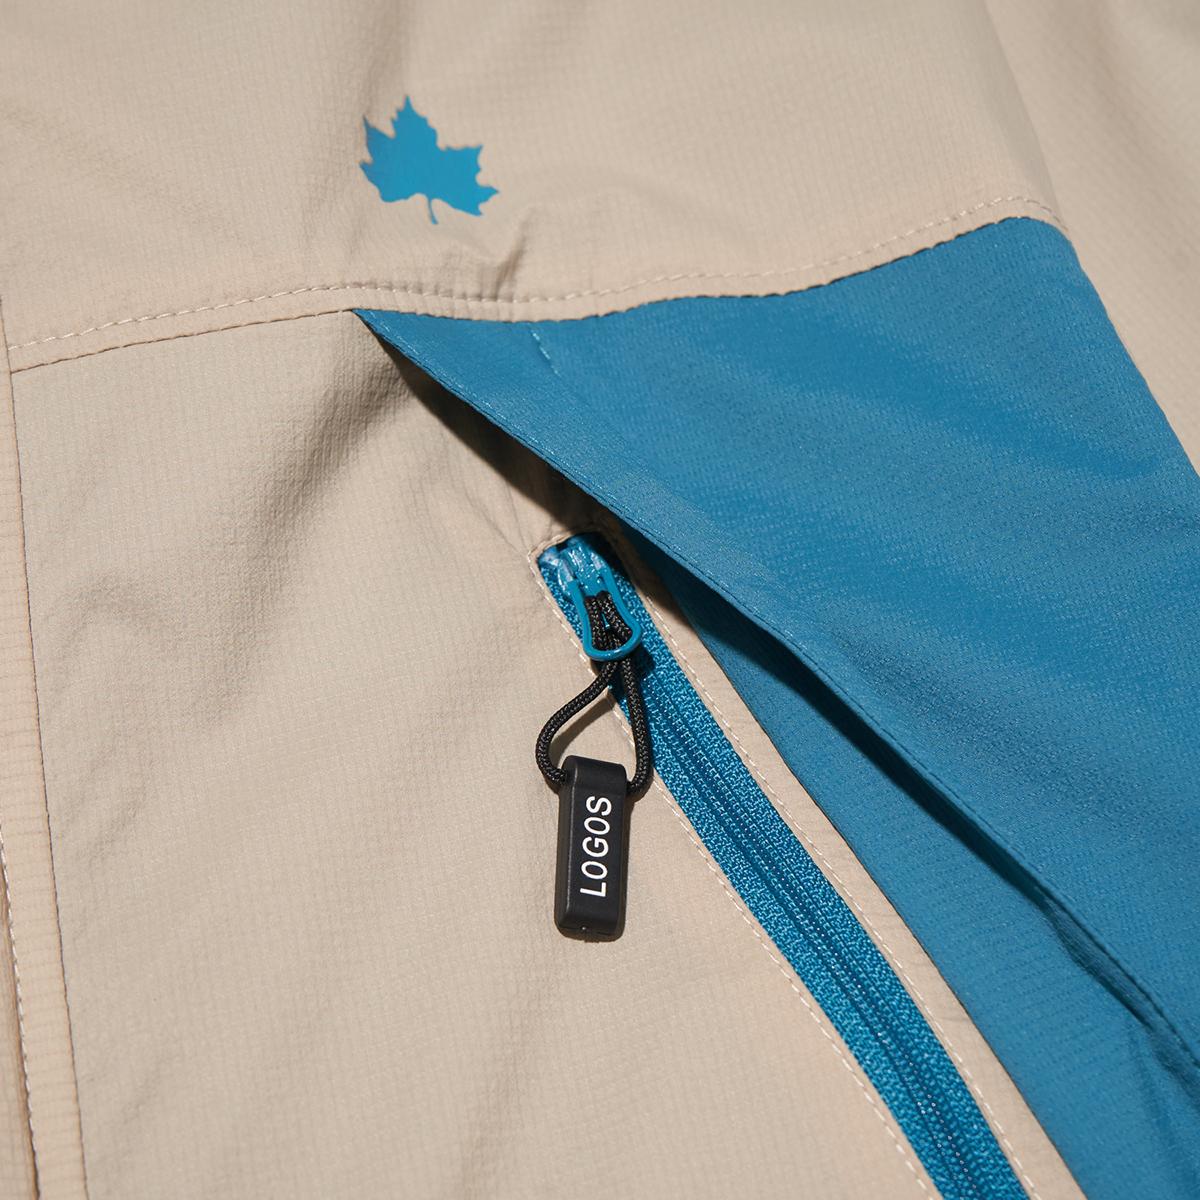 ジッパー付きの大きなポケット